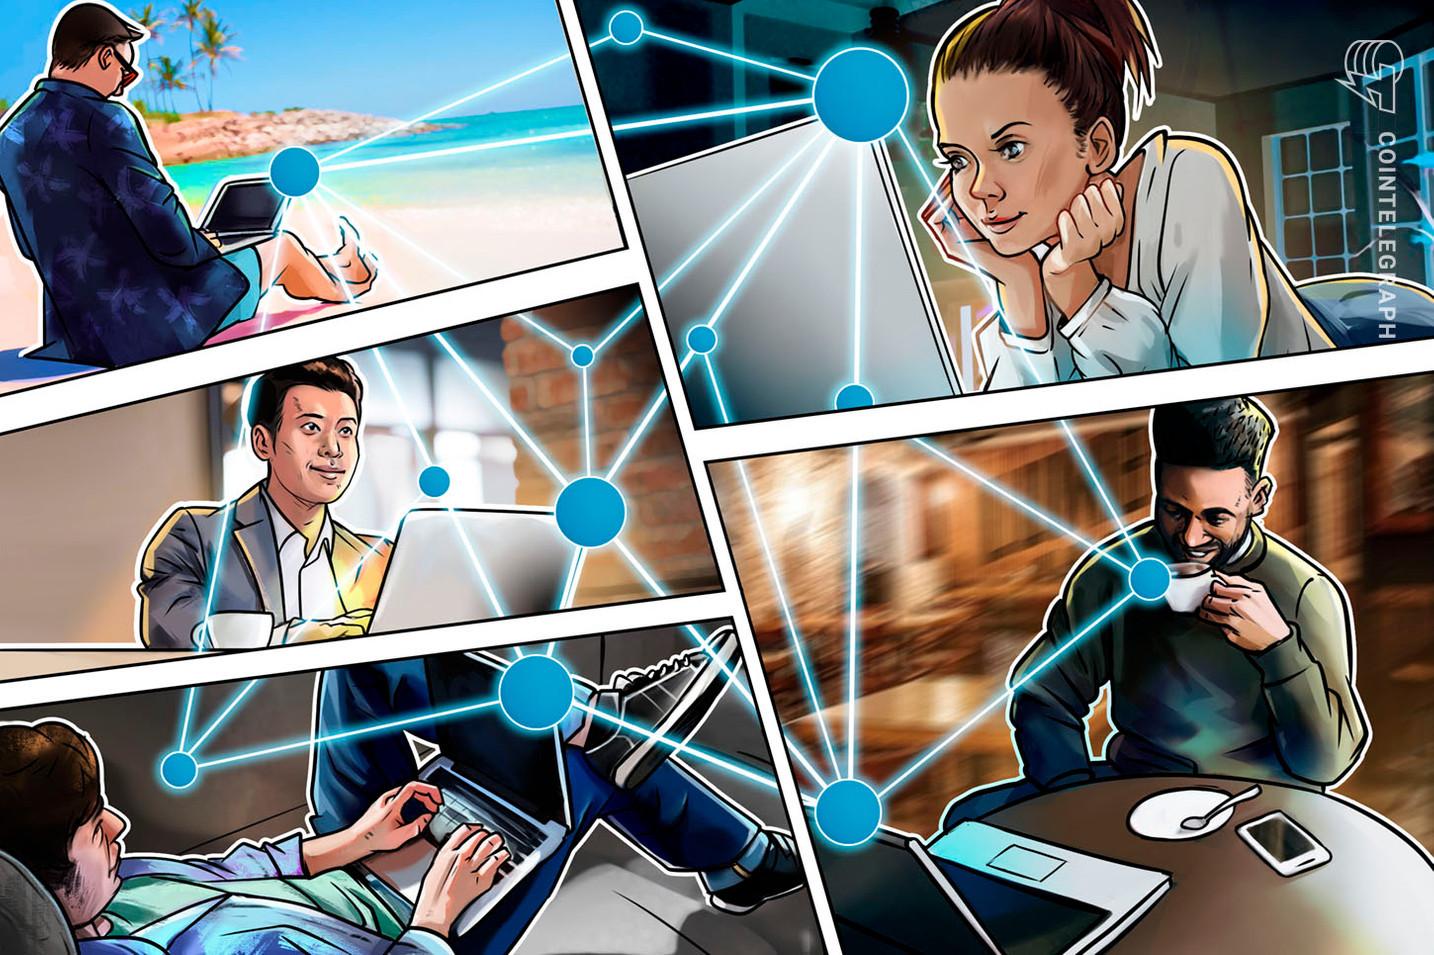 Peer-to-Peer (P2P) Nedir? Eşten Eşe Bitcoin Ağı Nasıl Çalışır?